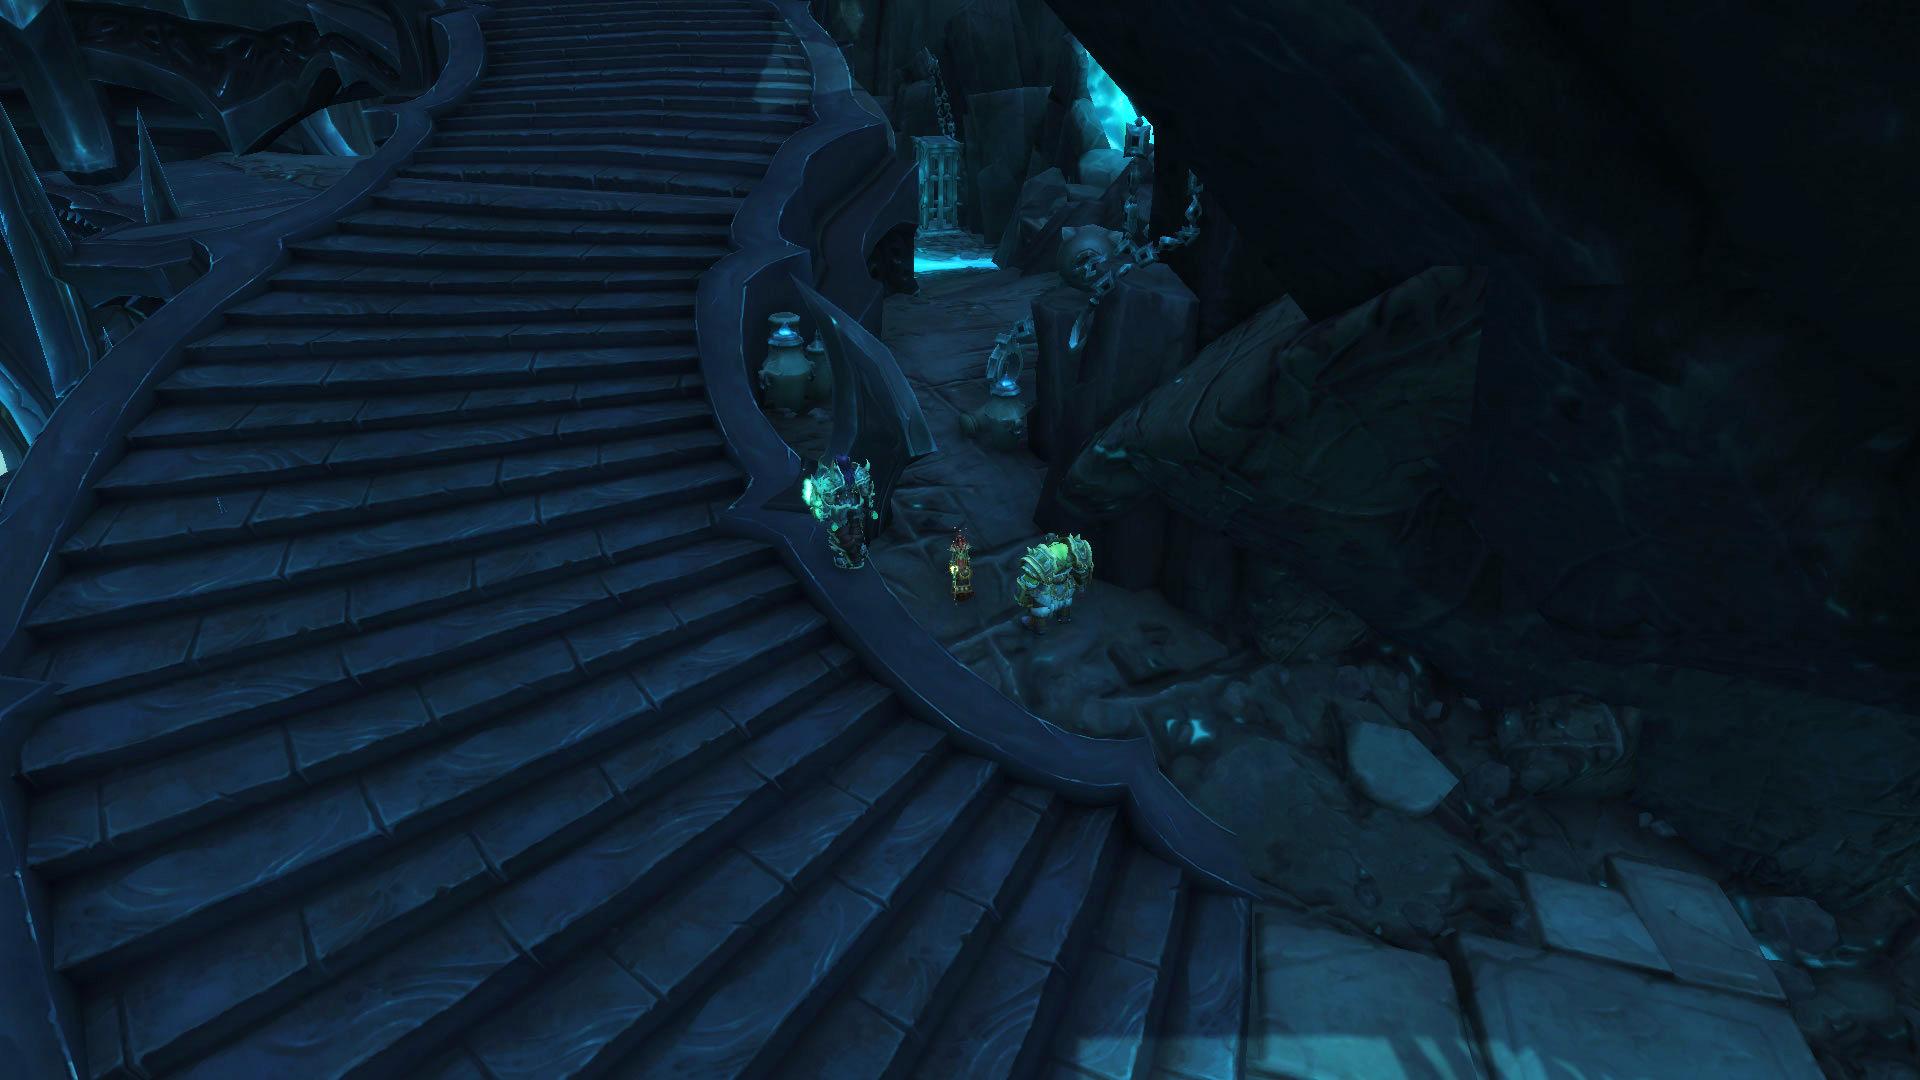 Passez derrière l'escalier pour atteindre la cage